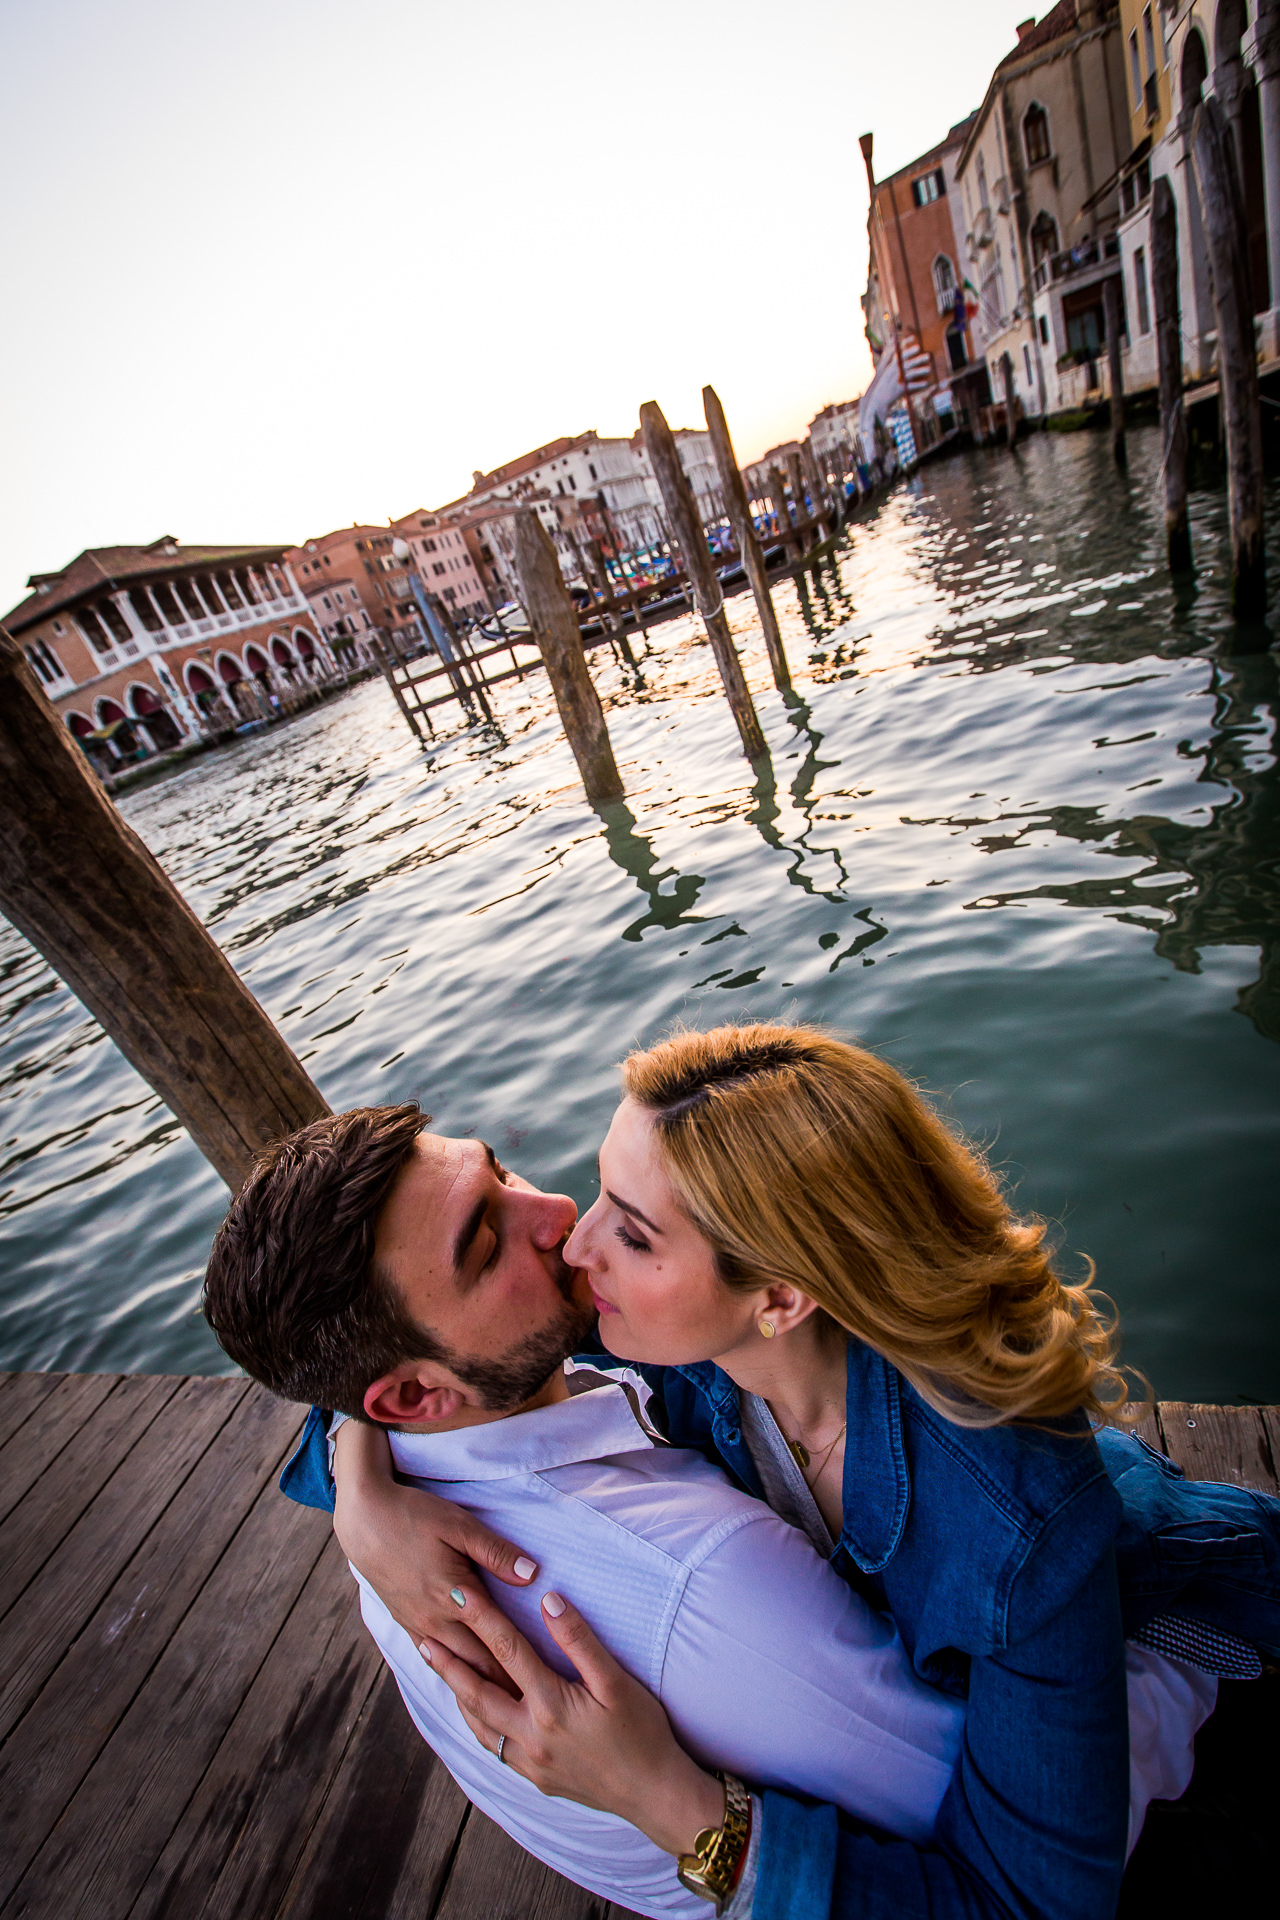 Sedinta foto de cuplu in Venetia - Raluca si Costin - Mihai Zaharia Photography - 21